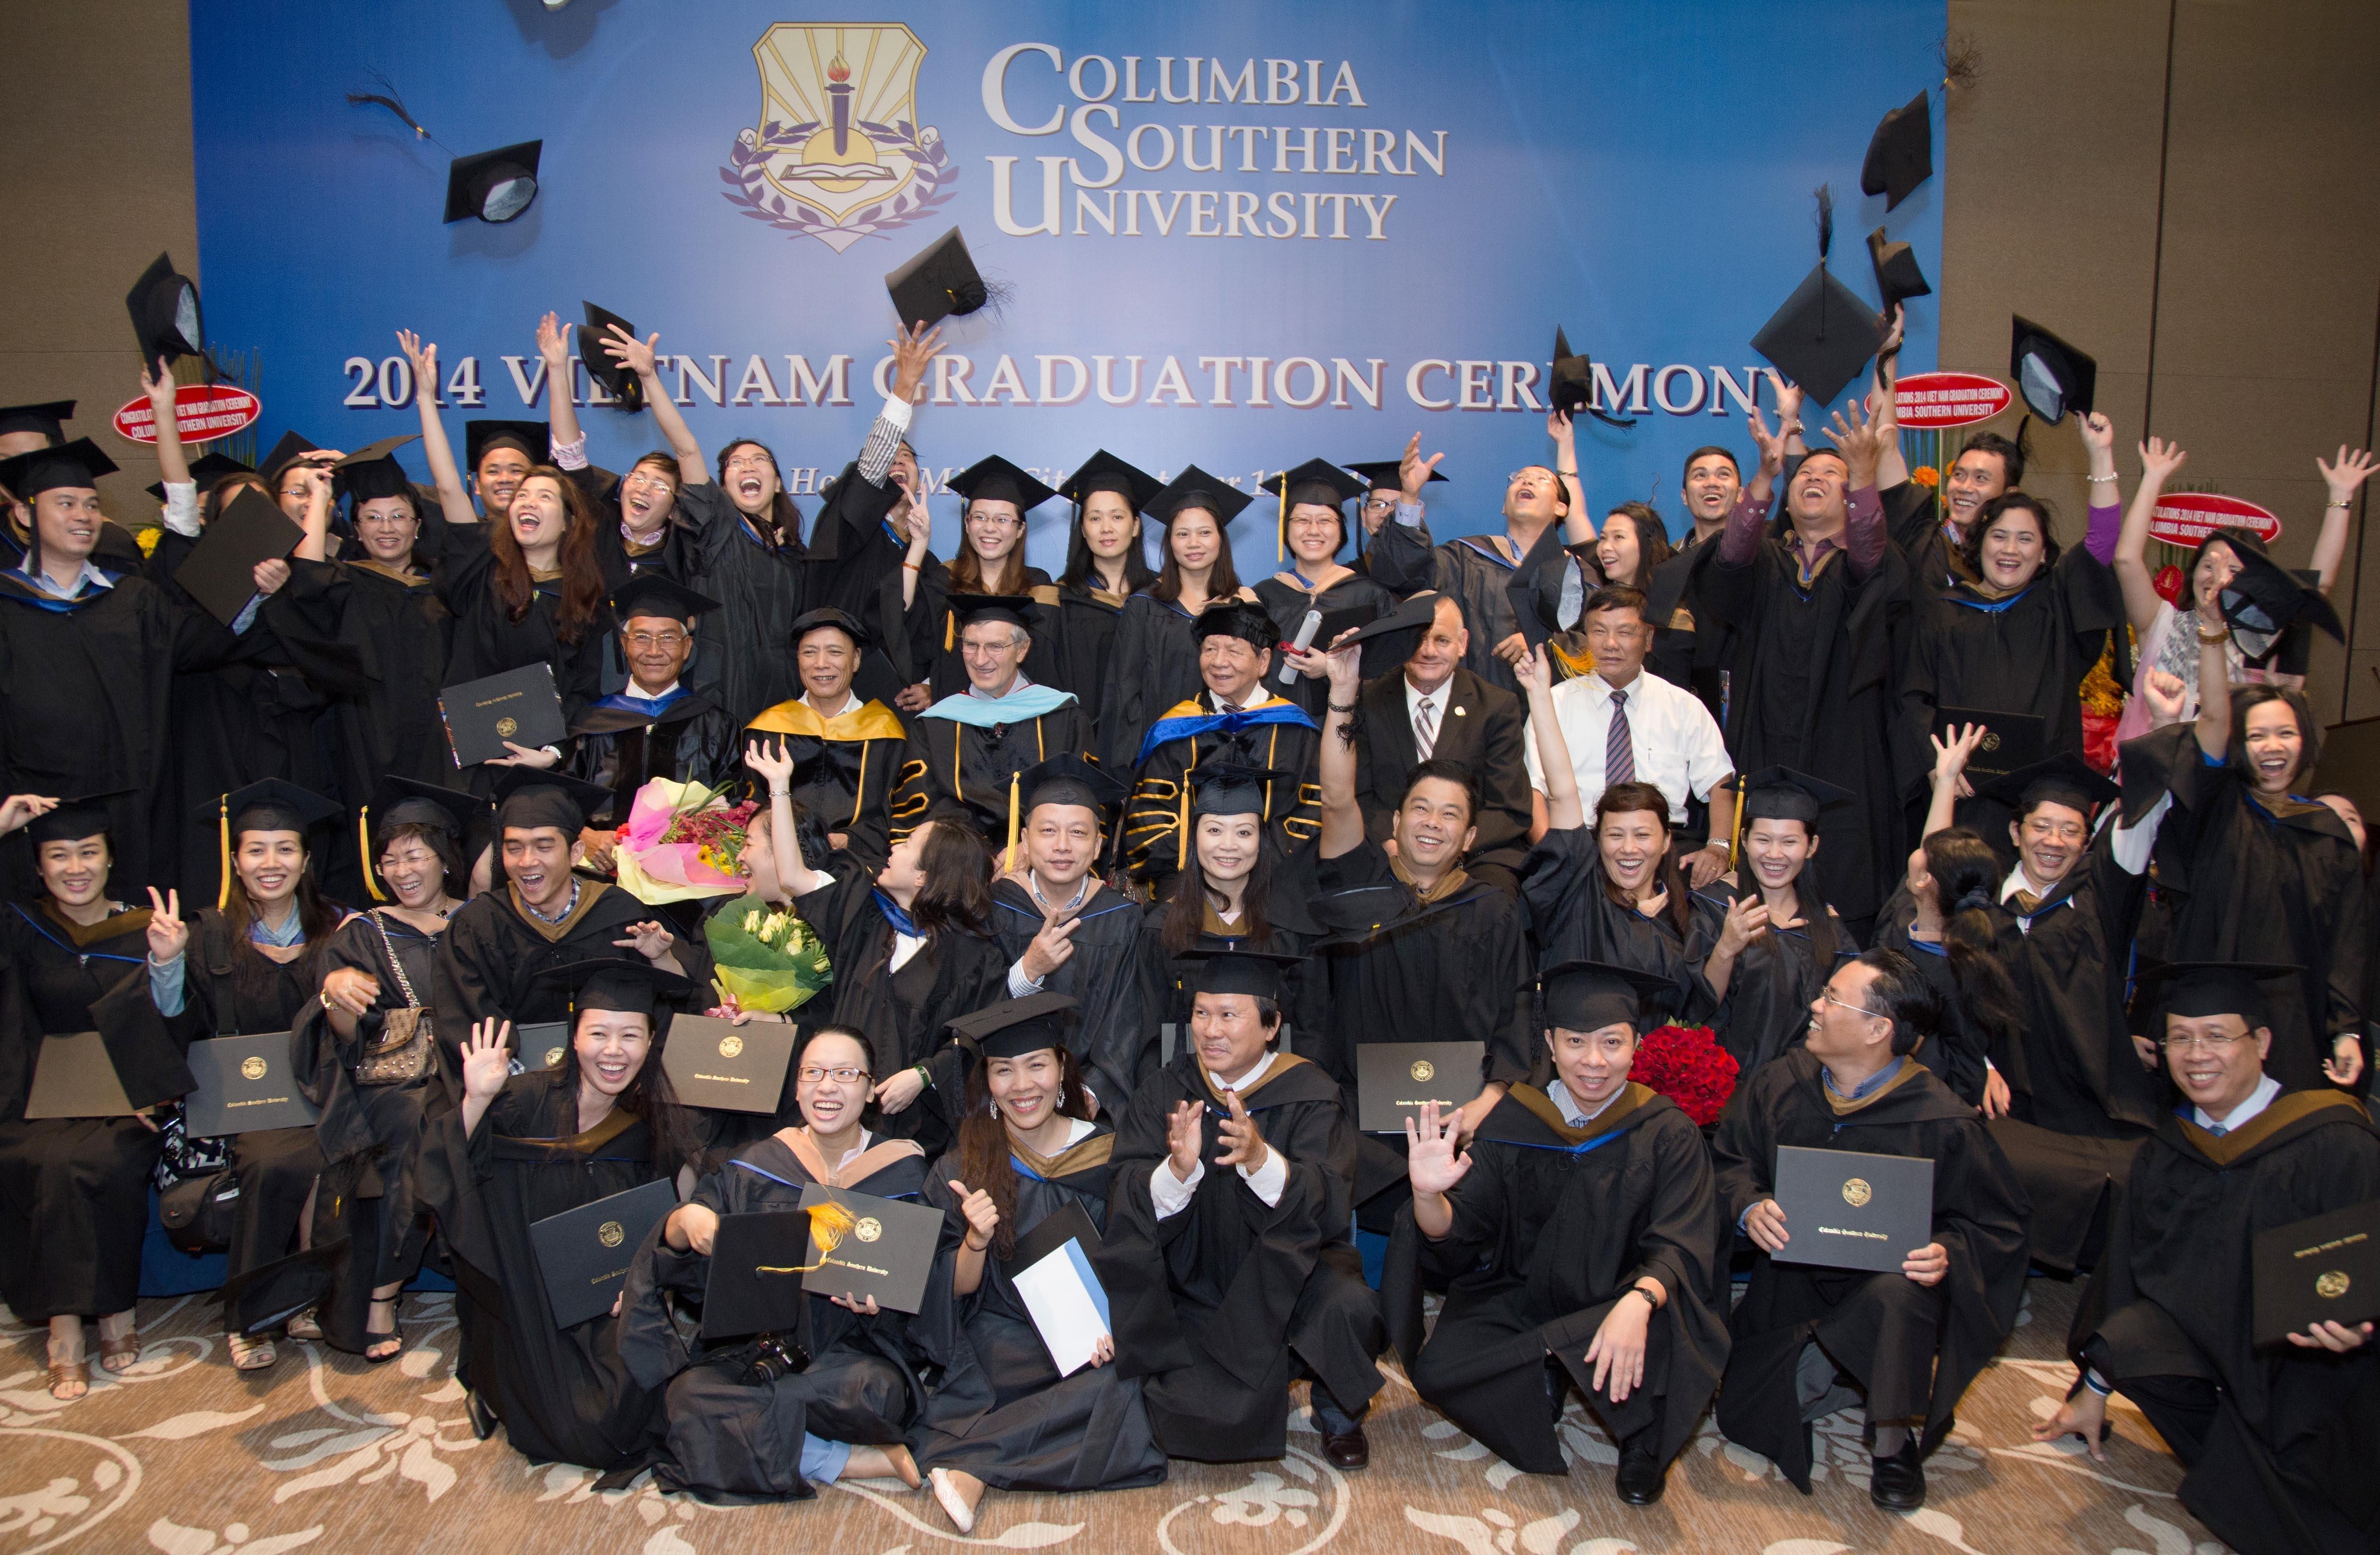 Lễ Tốt nghiệp năm 2014 của Trường Đại học Columbia Southern tại Việt Nam.